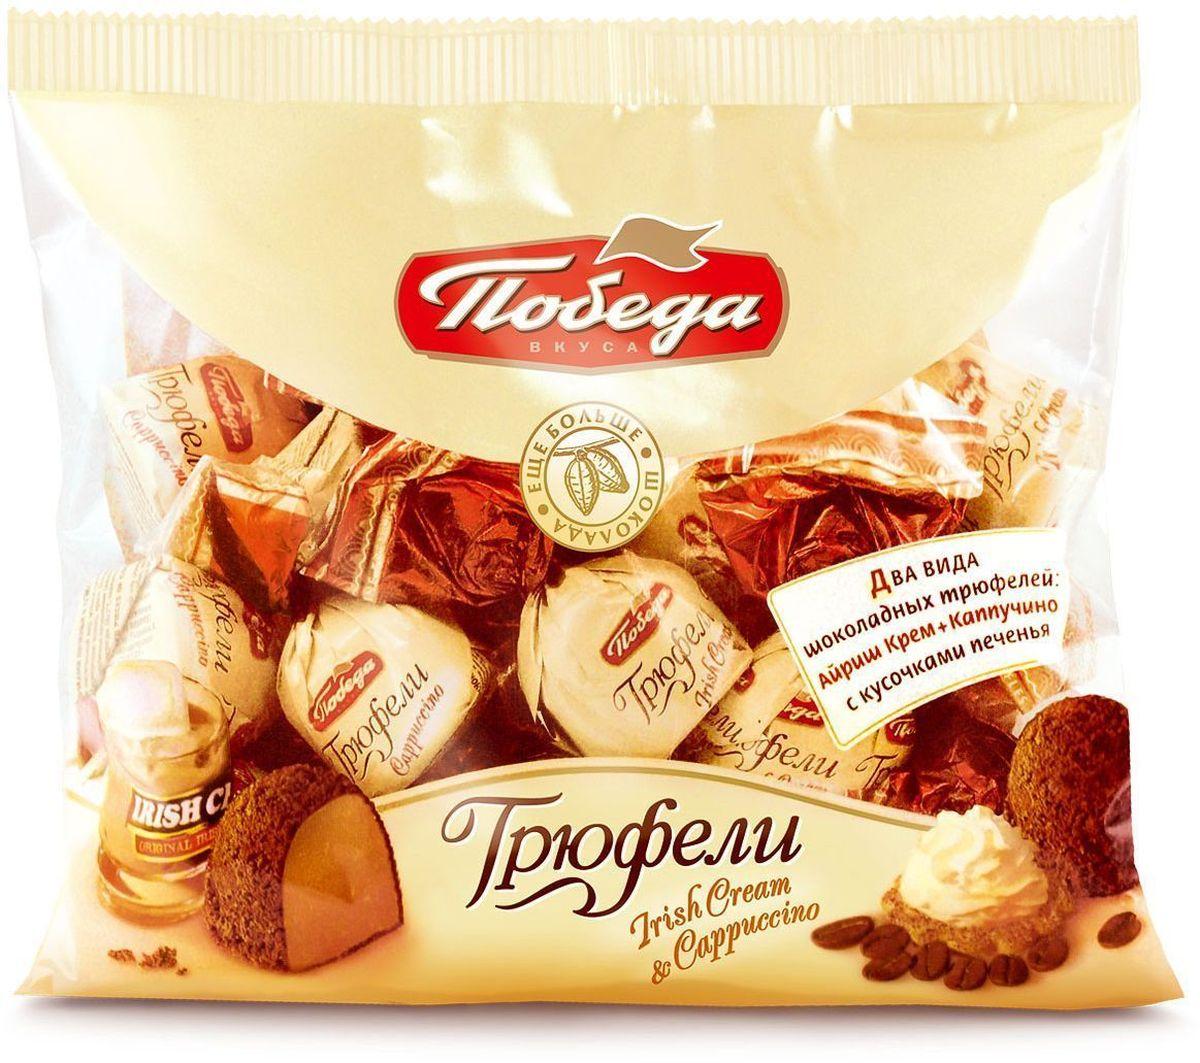 Победа вкуса Трюфели Айриш Крем + Капучино два вида шоколадных трюфелей с кусочками печенья, 200 г gerber пюре брокколи с 4 месяцев 12 шт по 130 г